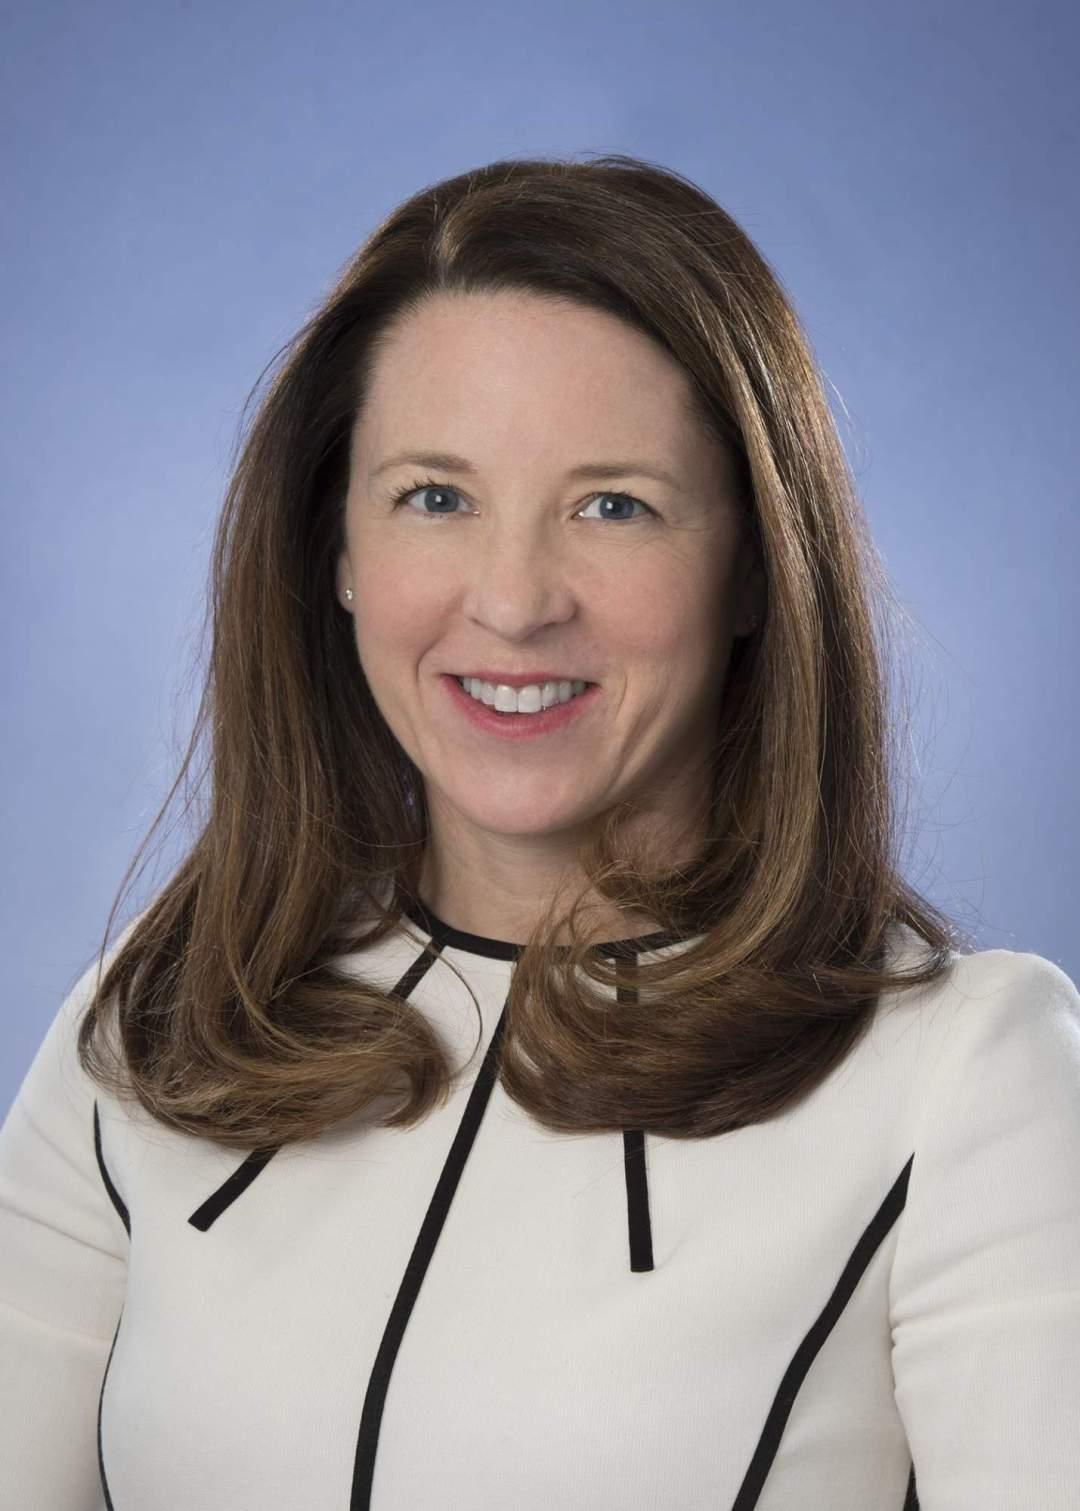 Lori MacCallum